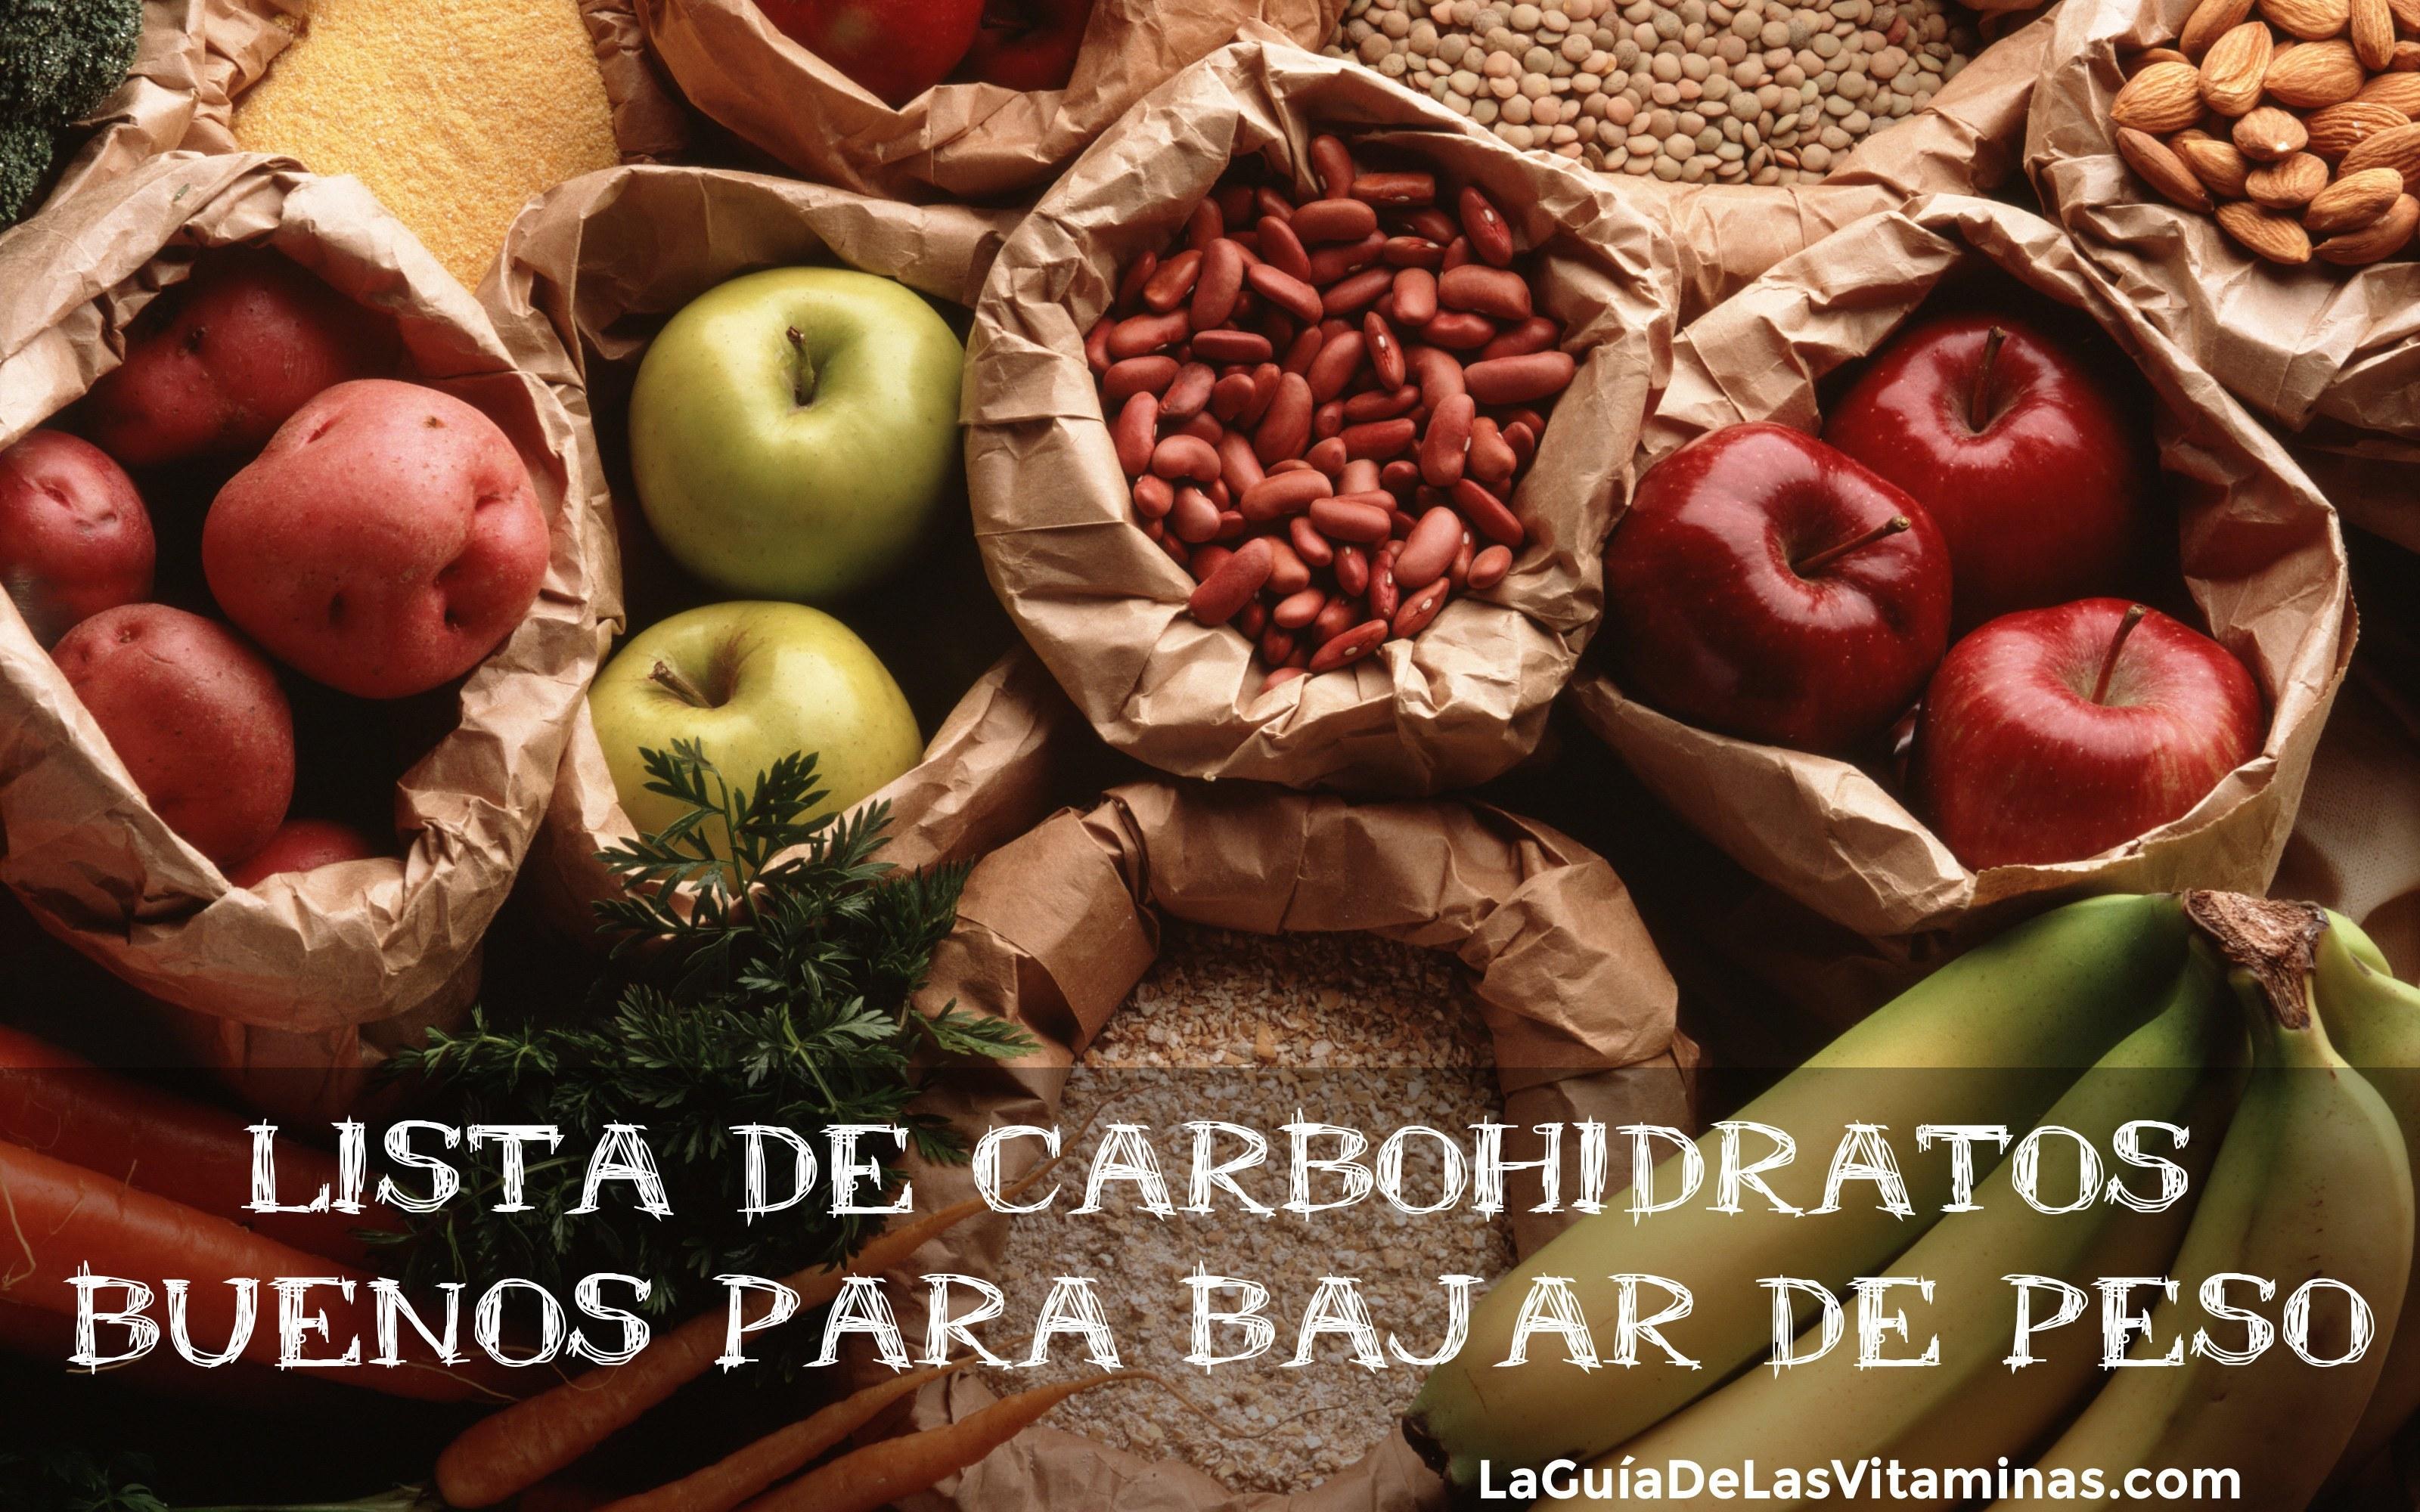 Carbohidratos buenos | La Guia de las Vitaminas